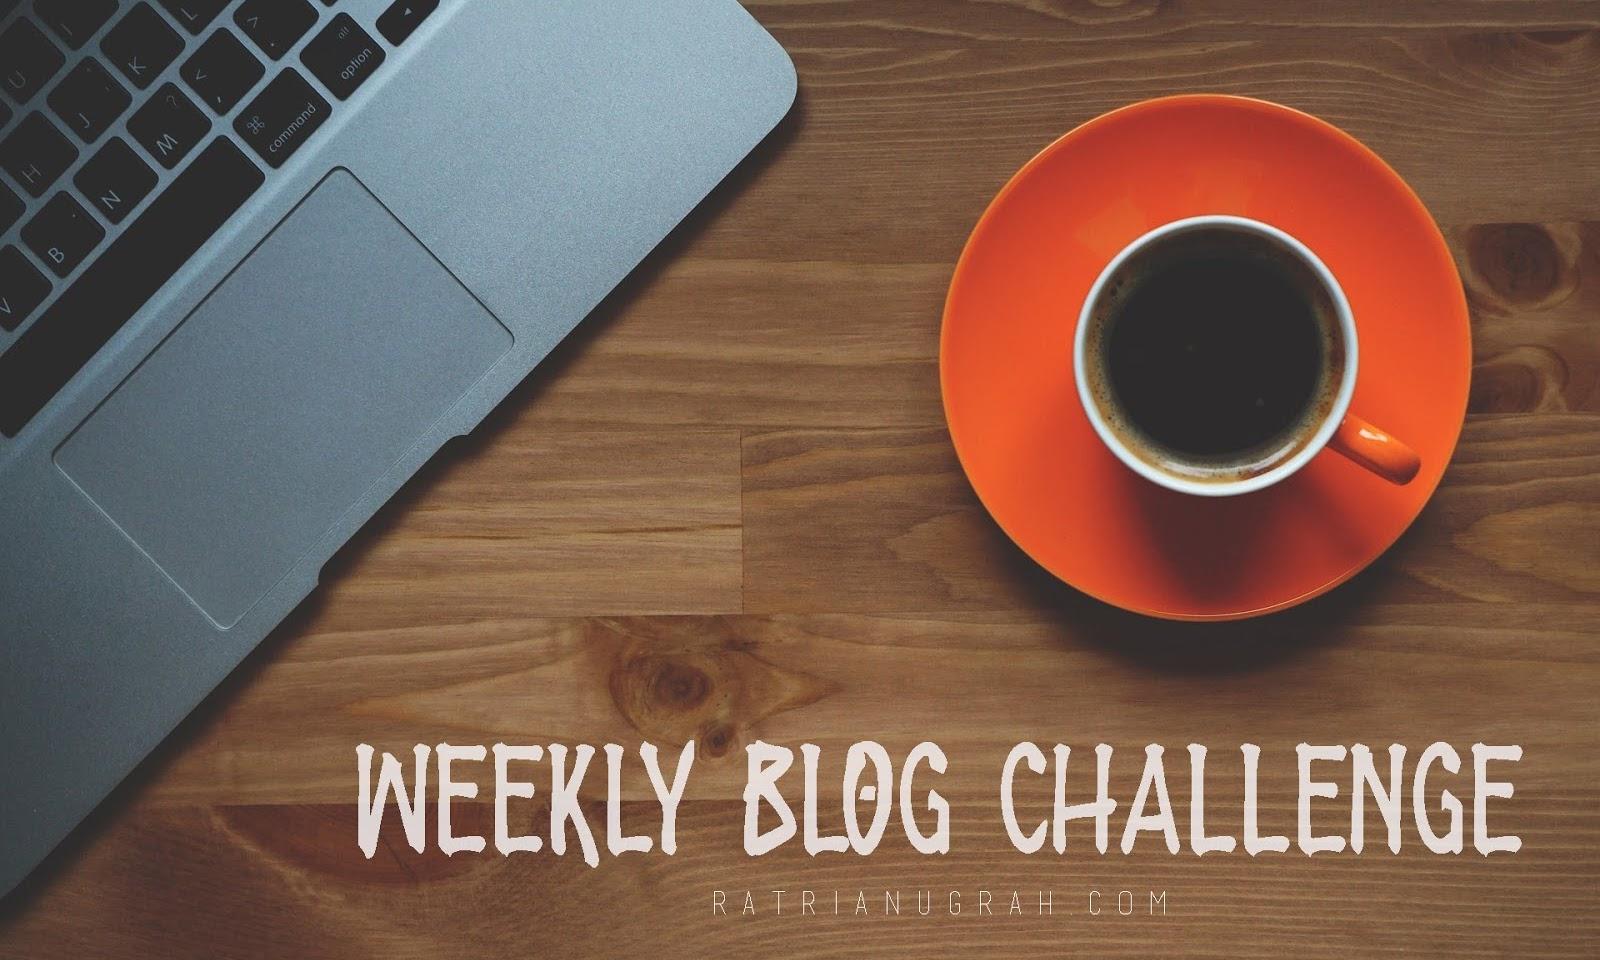 Weekly Blog Challenge